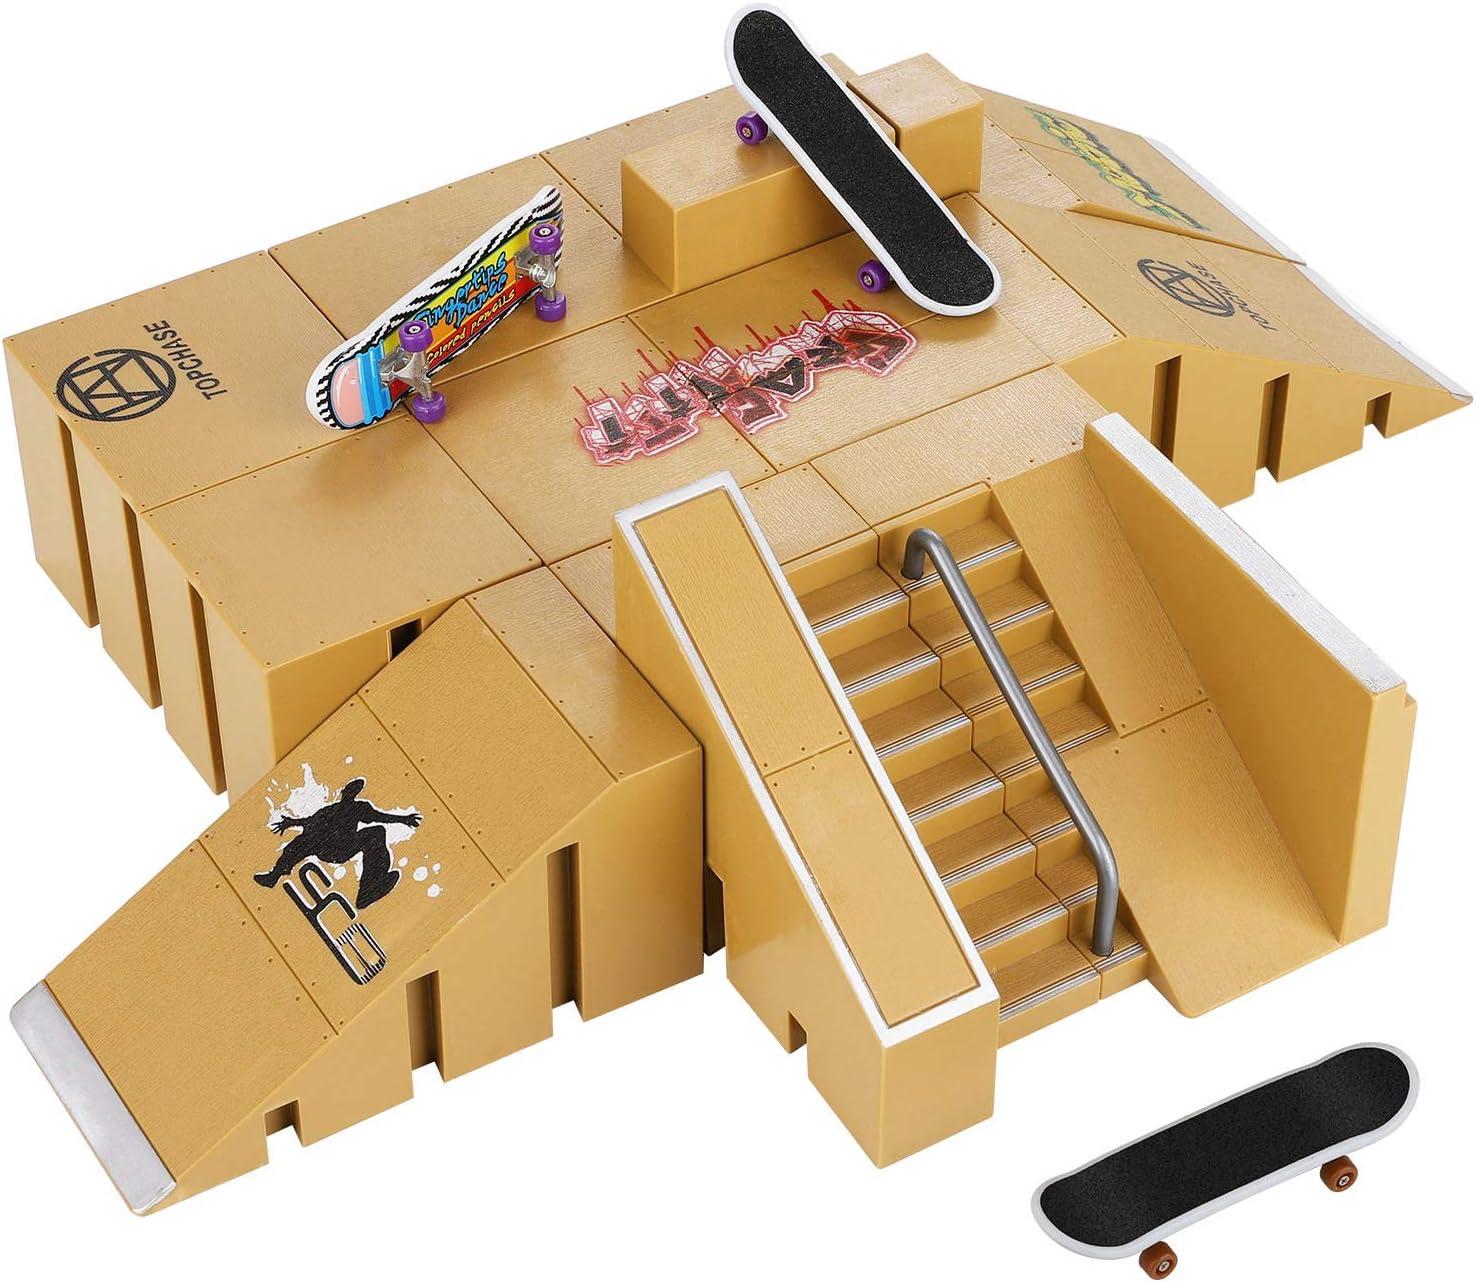 Skate Park Kit, Hometall Skate Park Kit Ramp Parts for Finger Sk